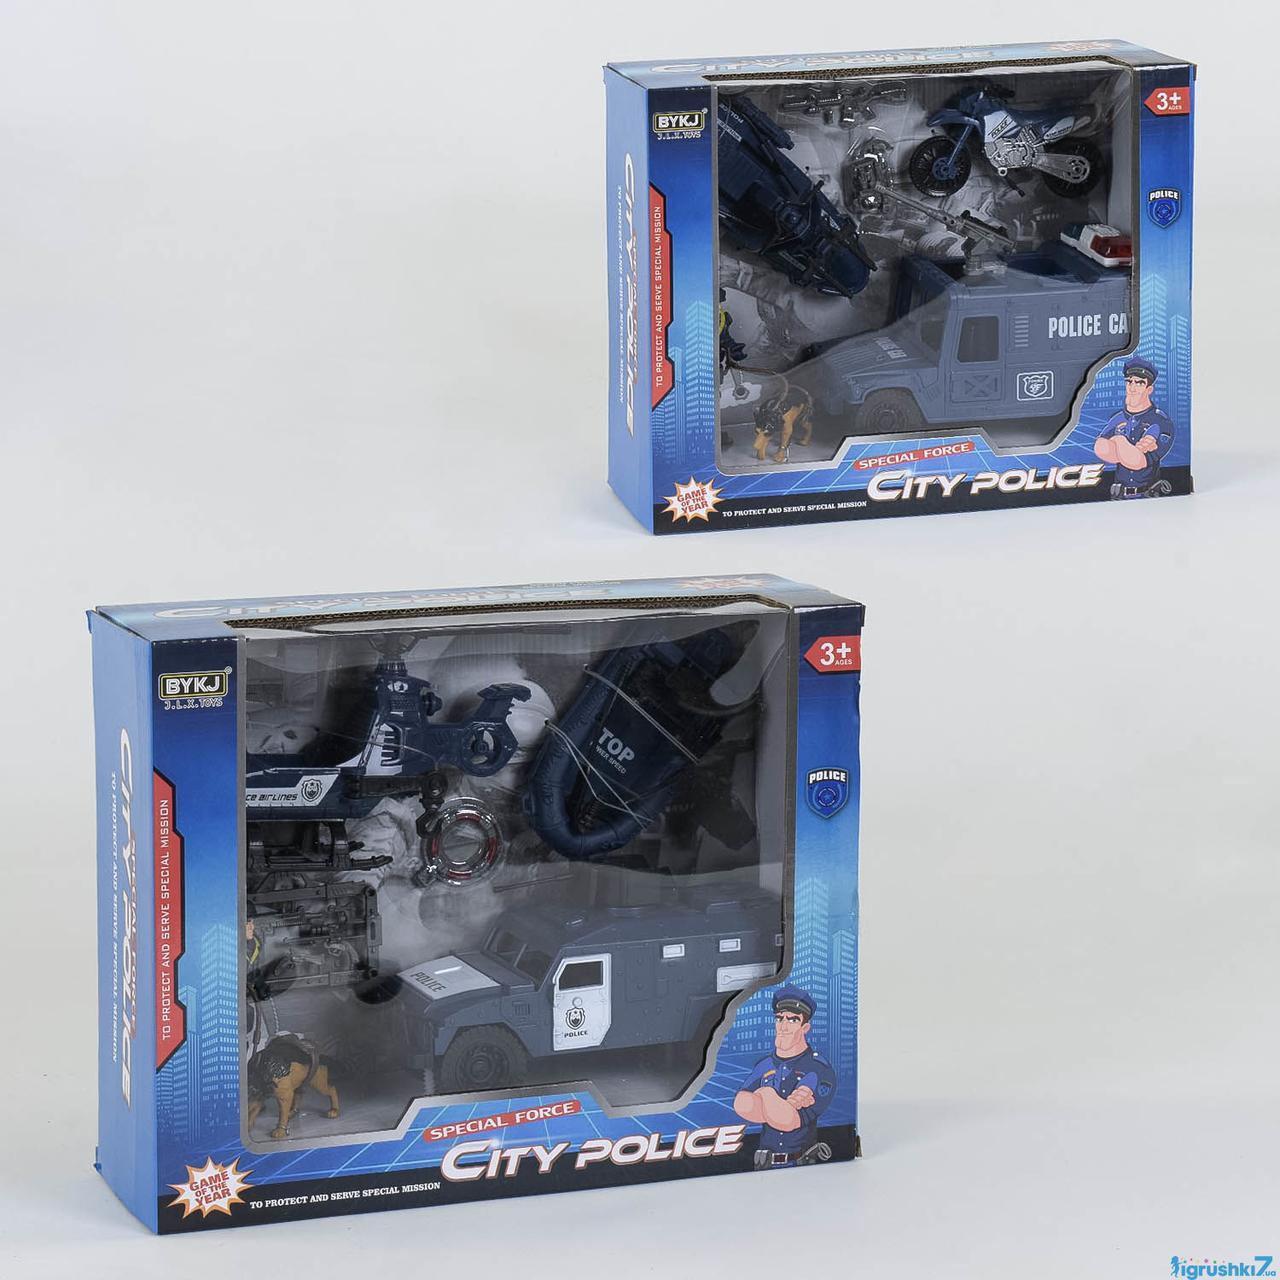 Полицейский набор с транспортом